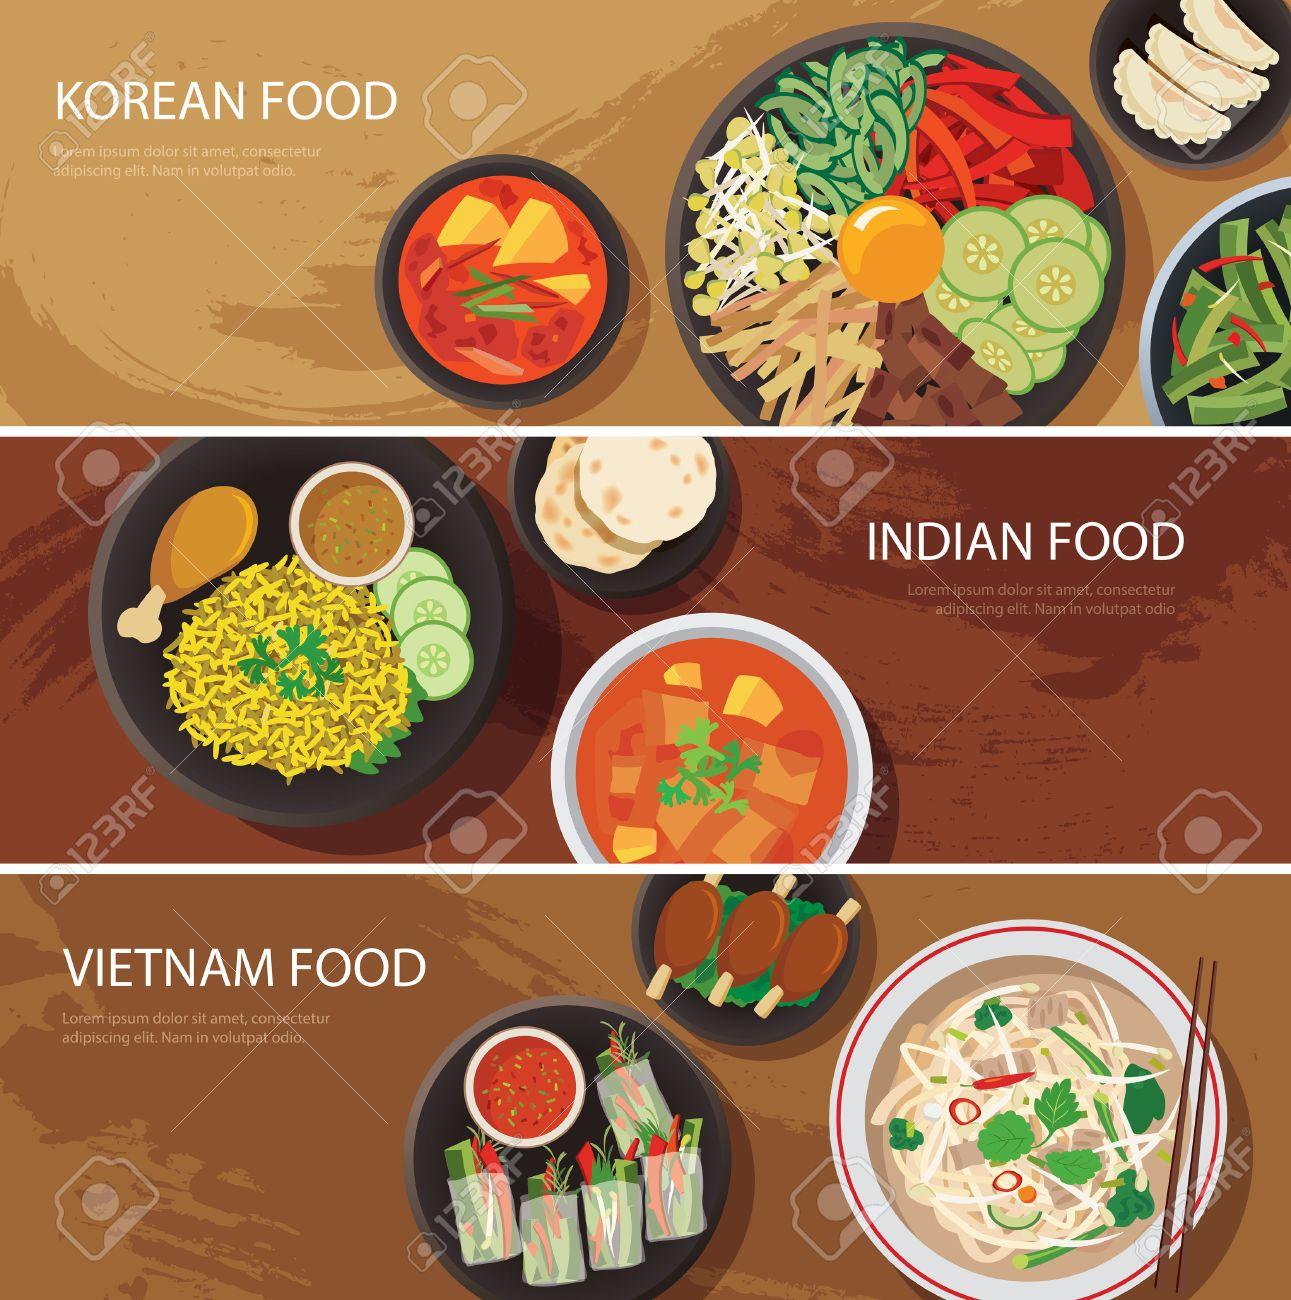 Asia Street Food Web Banner, Koreanische Küche, Indisches Essen, Vietnam  Food Flaches